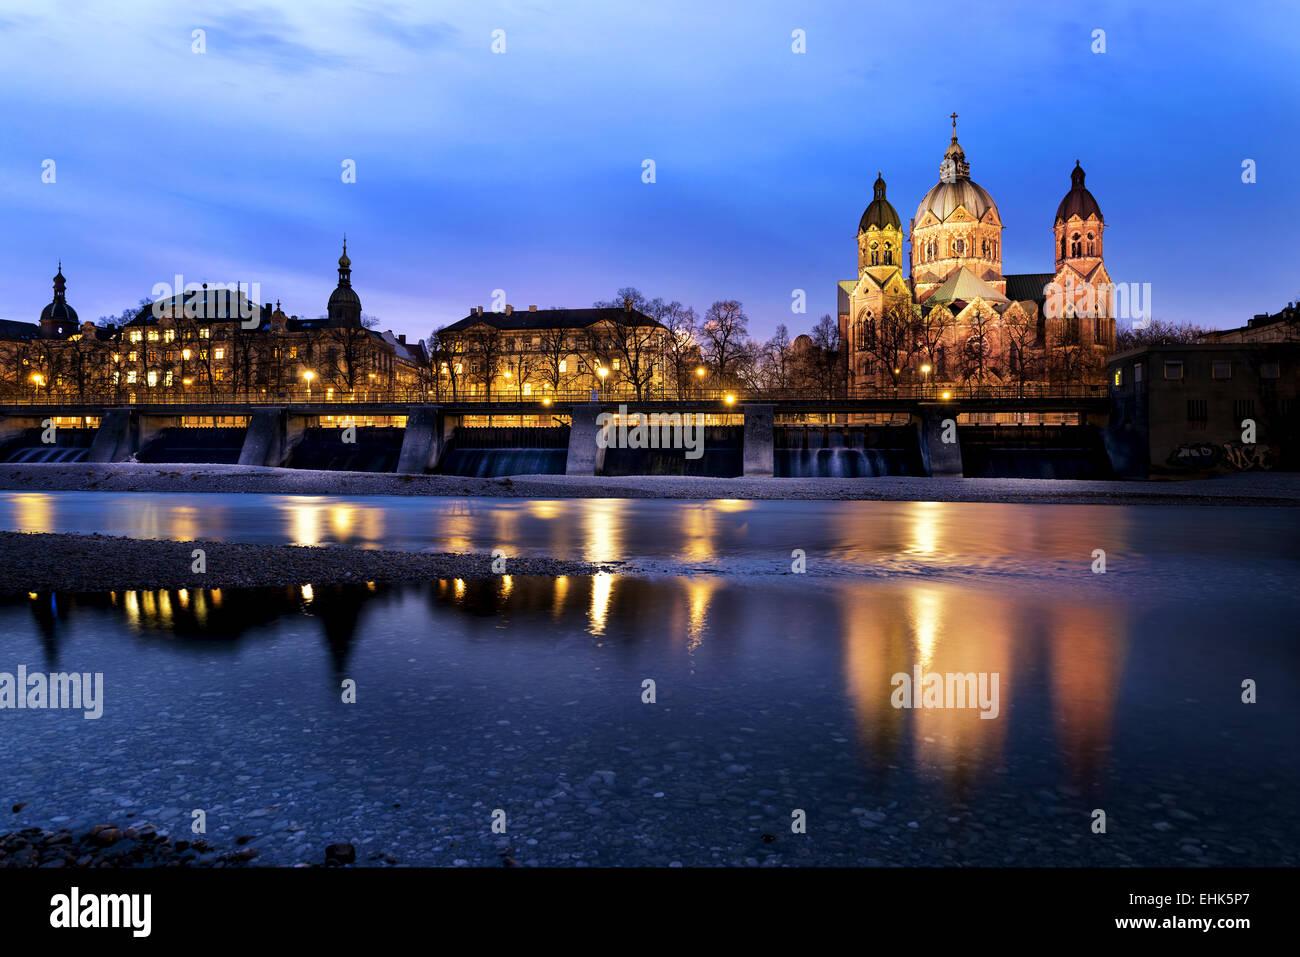 L'église Saint Luc, est la plus importante Église protestante à Munich, Allemagne Photo Stock